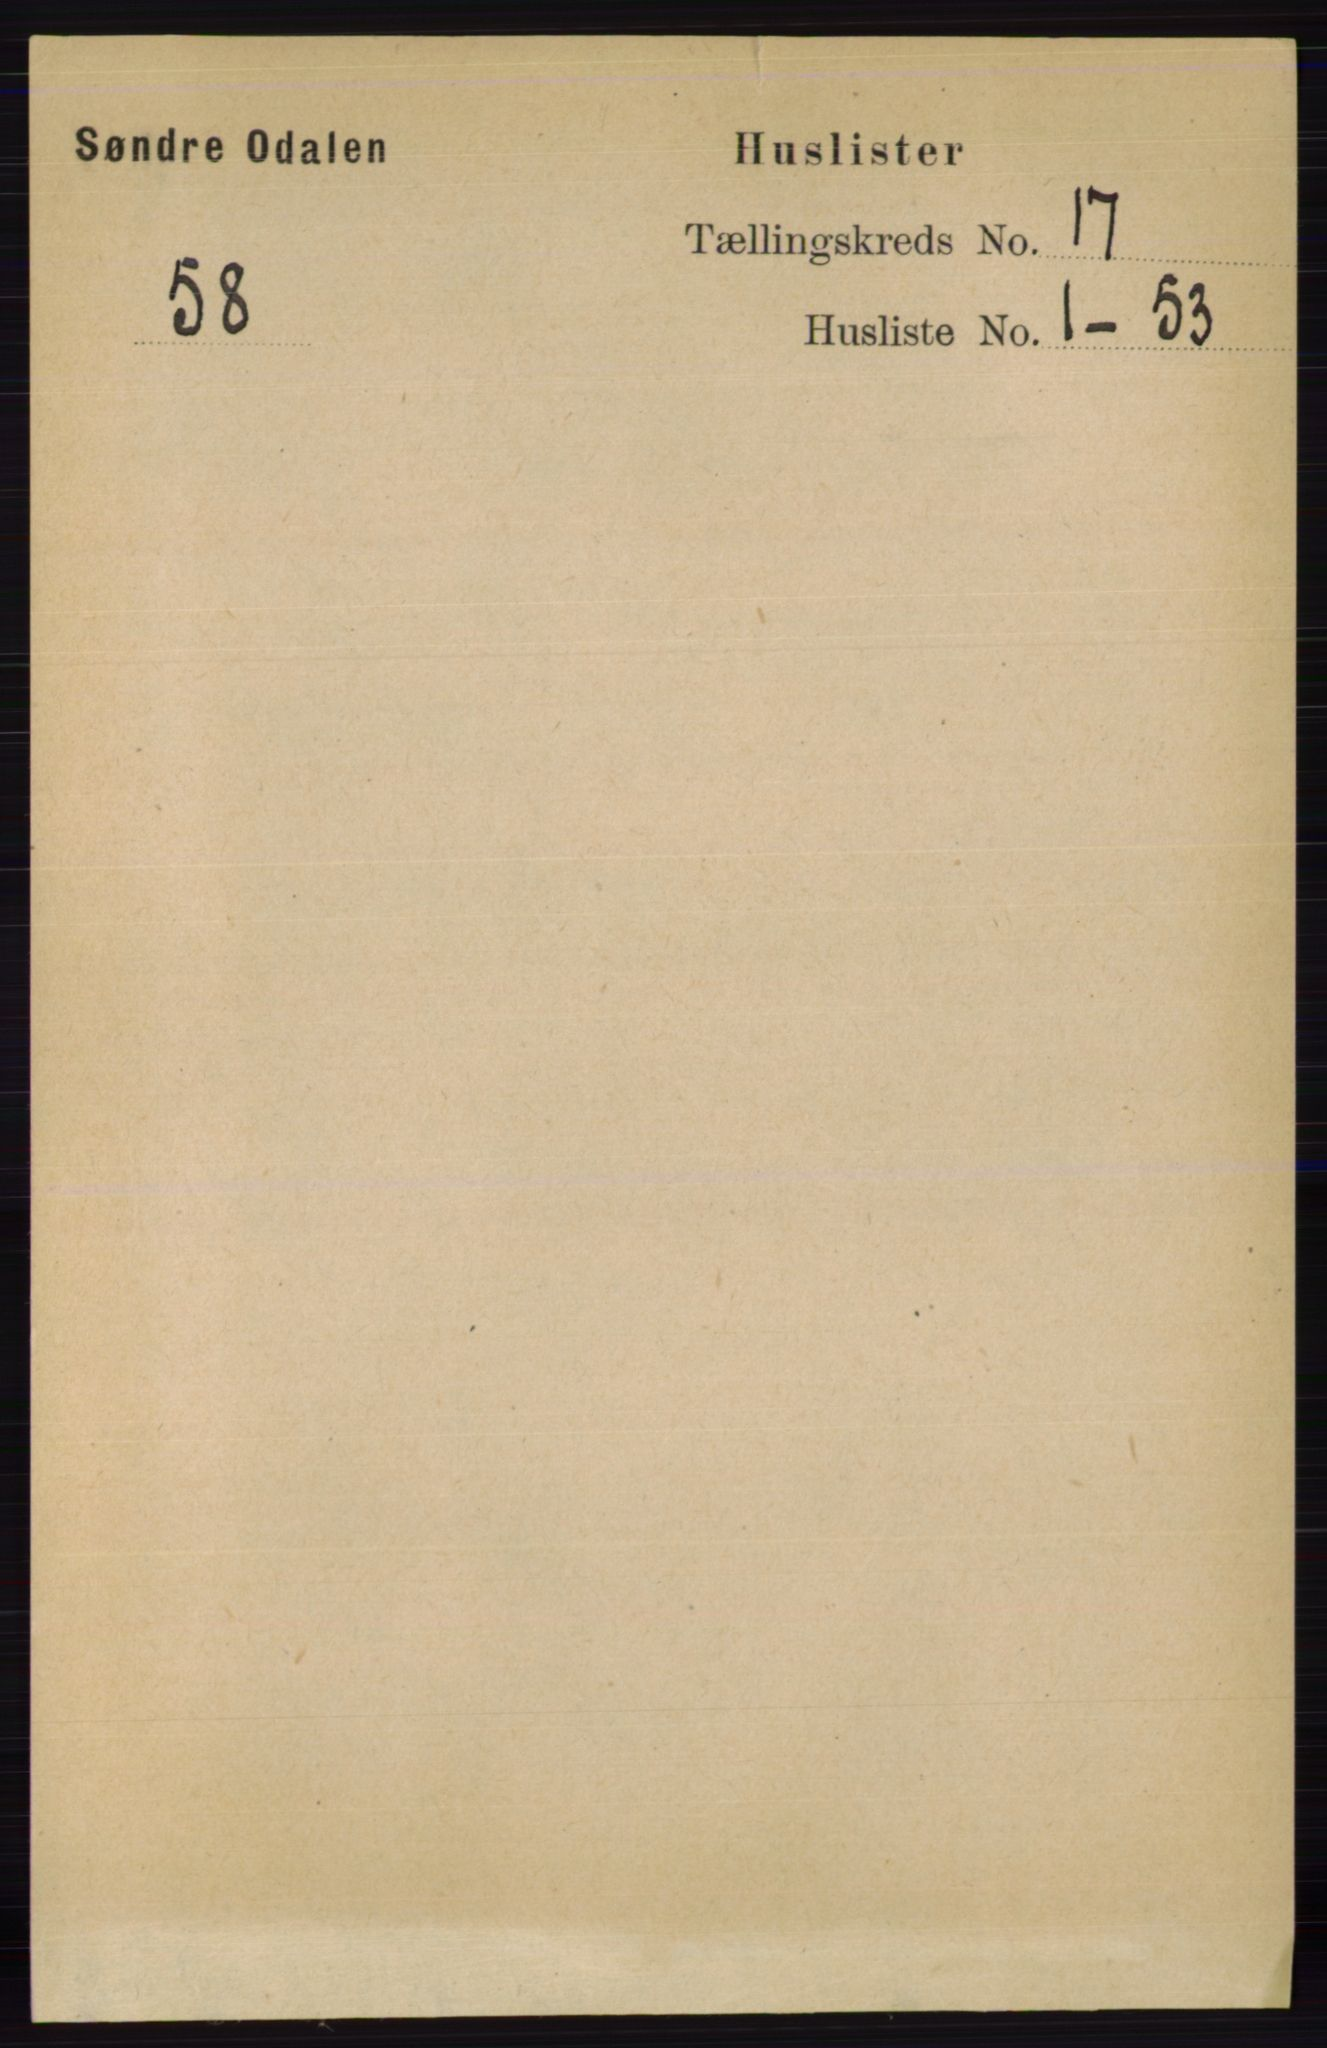 RA, Folketelling 1891 for 0419 Sør-Odal herred, 1891, s. 7779